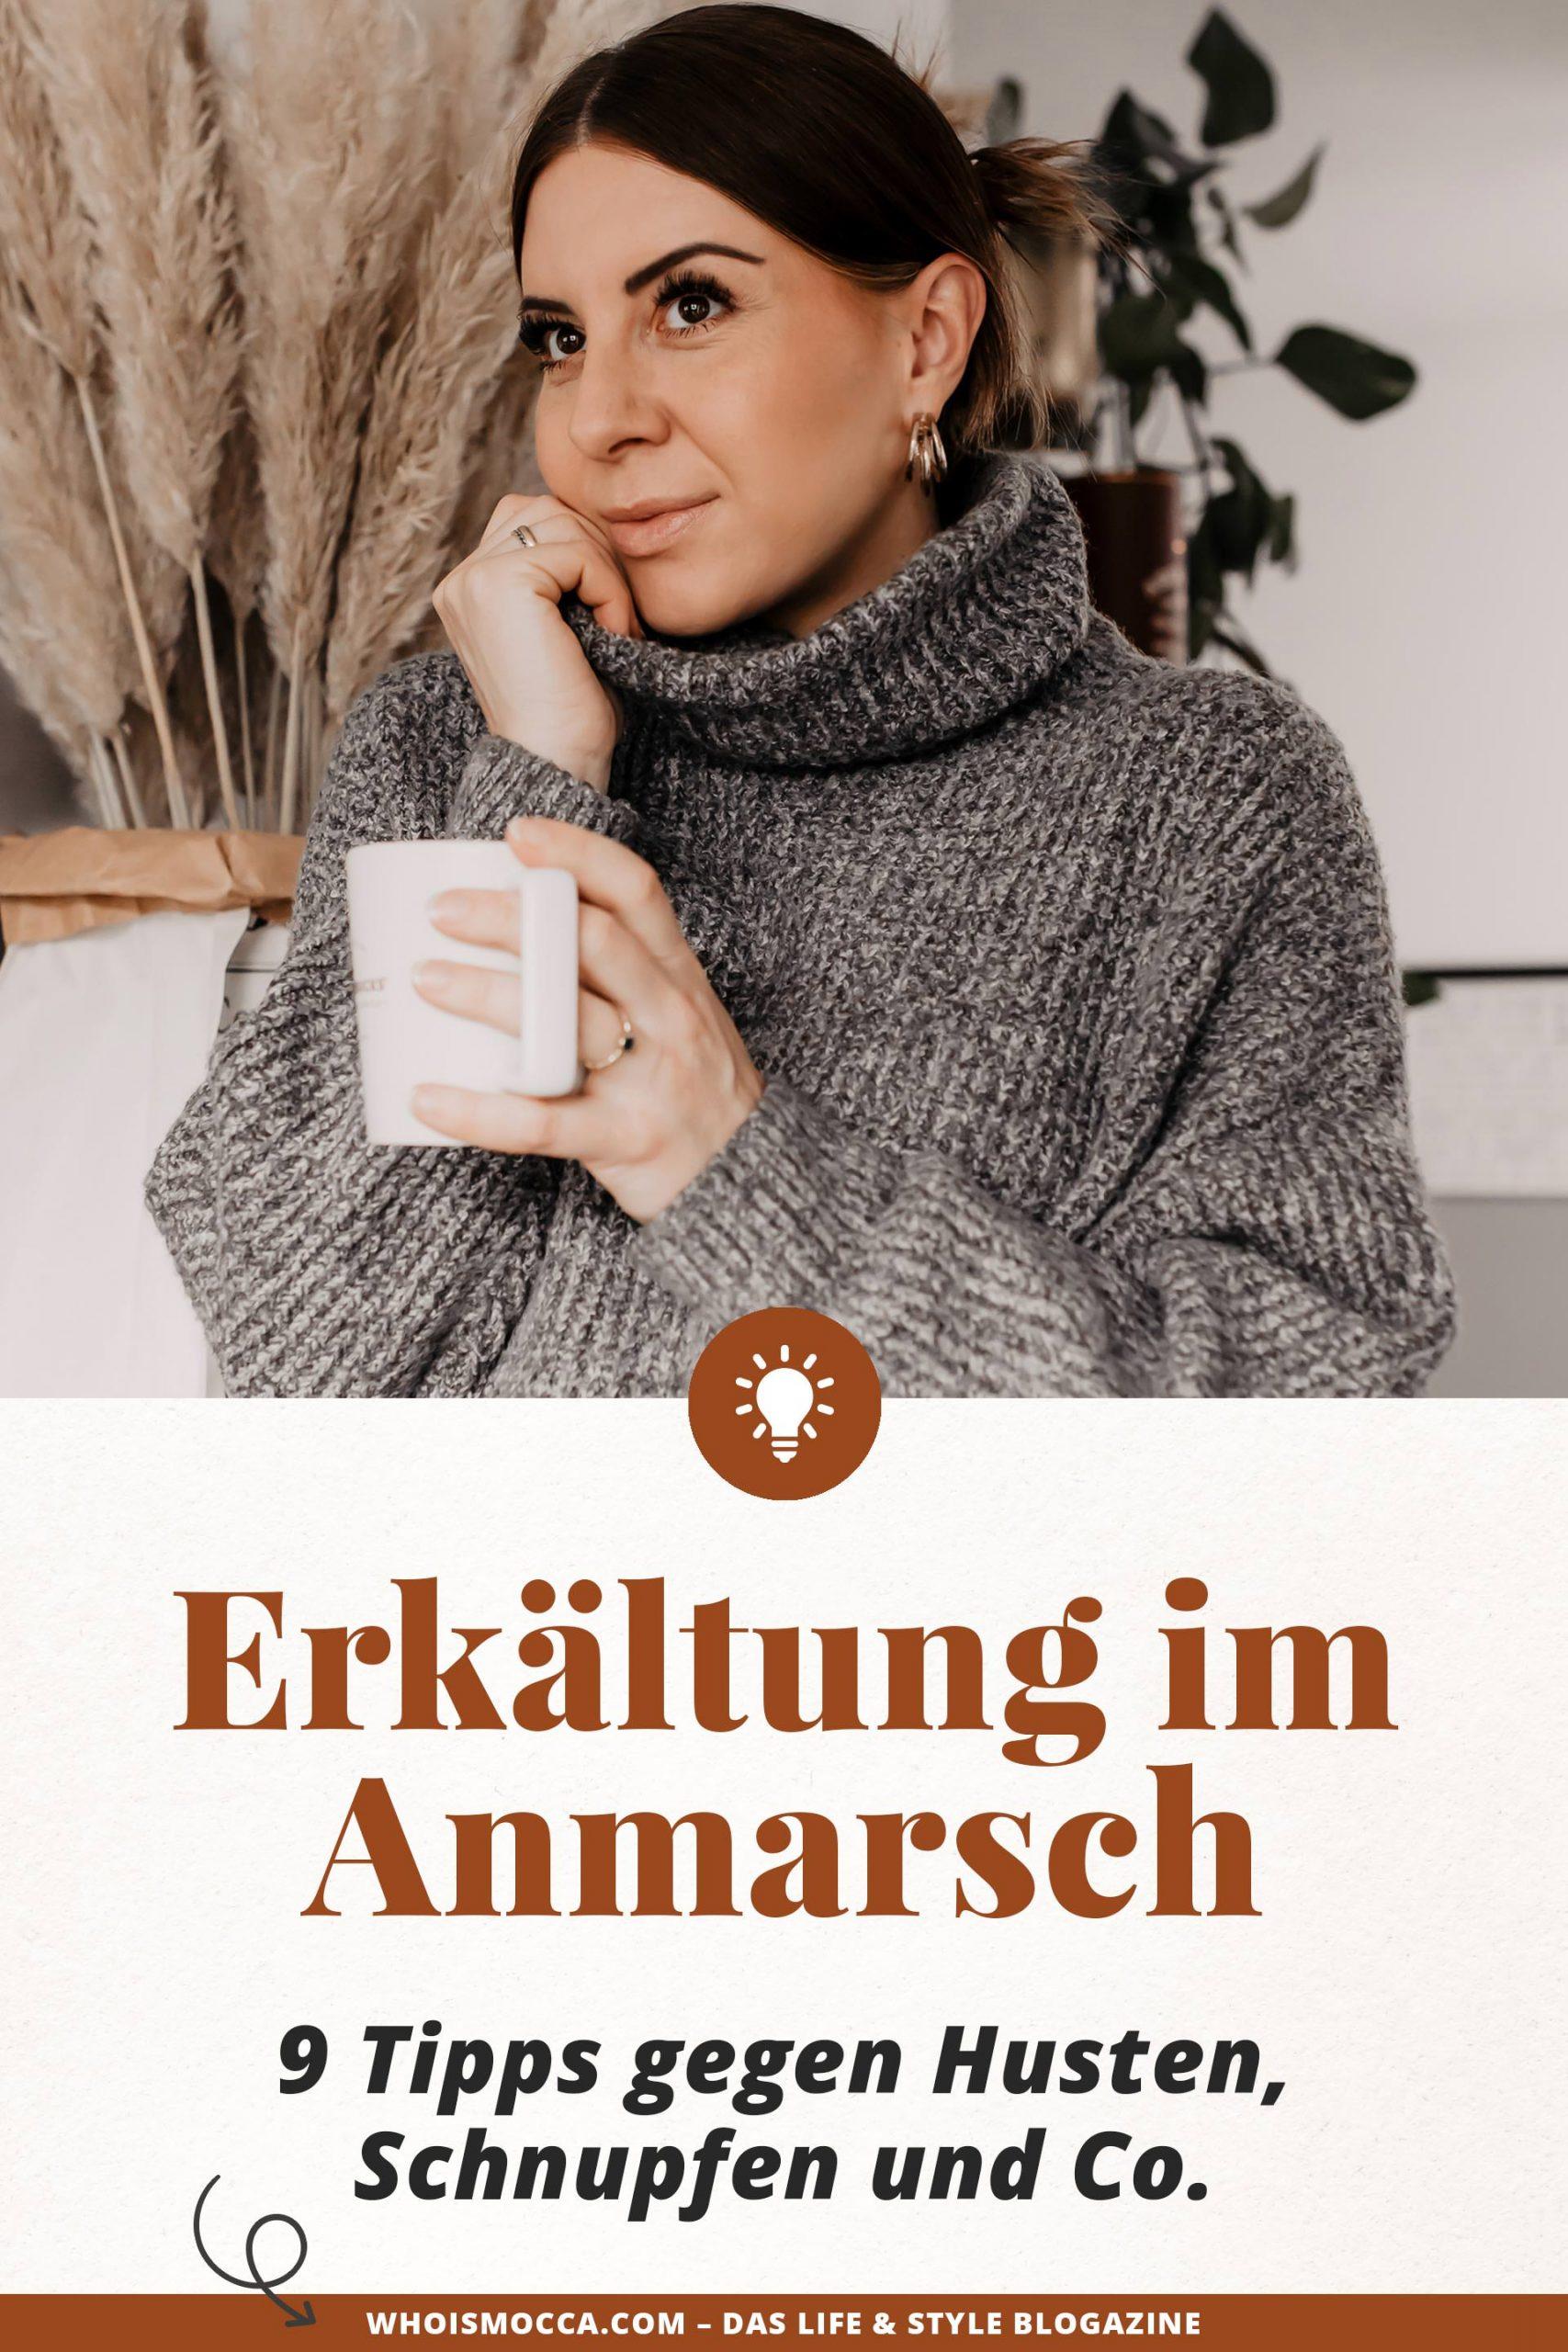 Erkältung im Anmarsch? 9 Tipps gegen Husten, Schnupfen und Co. und die Grippesaison im Büro findest du jetzt am Karriere Blog www.whoismocca.com